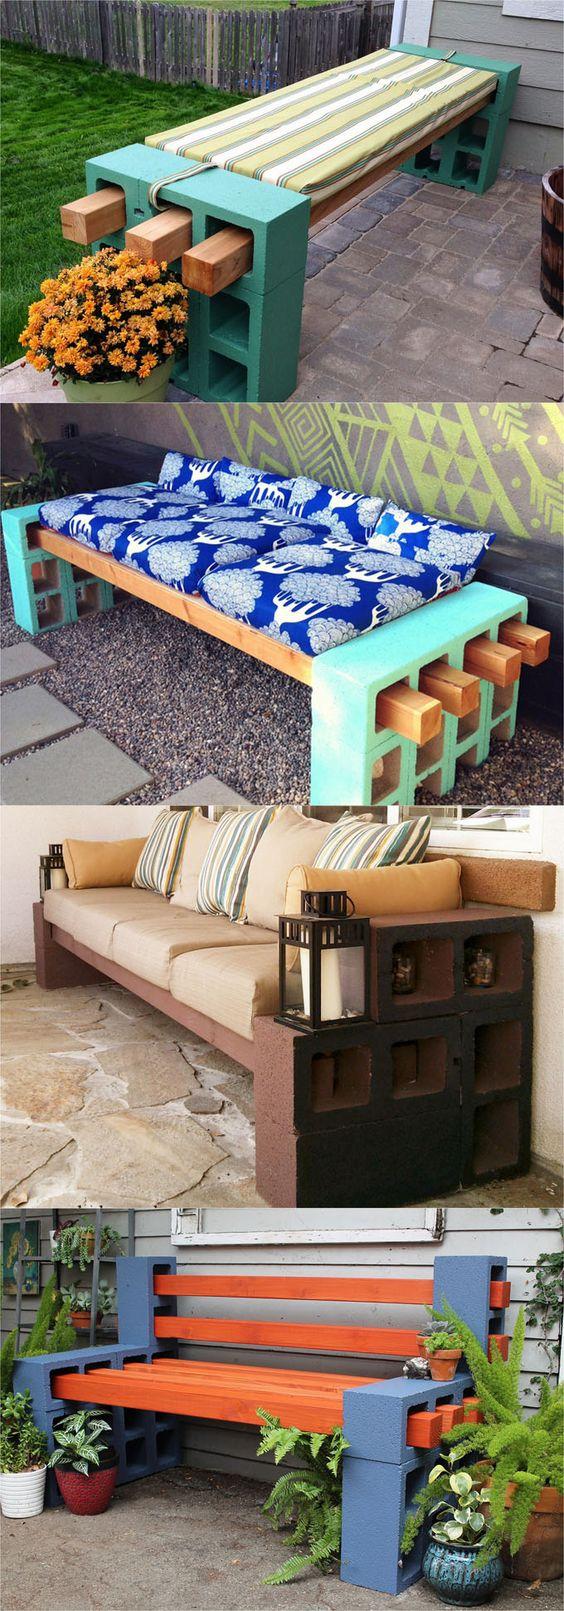 每个房间21个漂亮的DIY长凳。关于如何轻松地用木头,混凝土块,甚至是旧床头板和梳妆台制作长凳的教程。